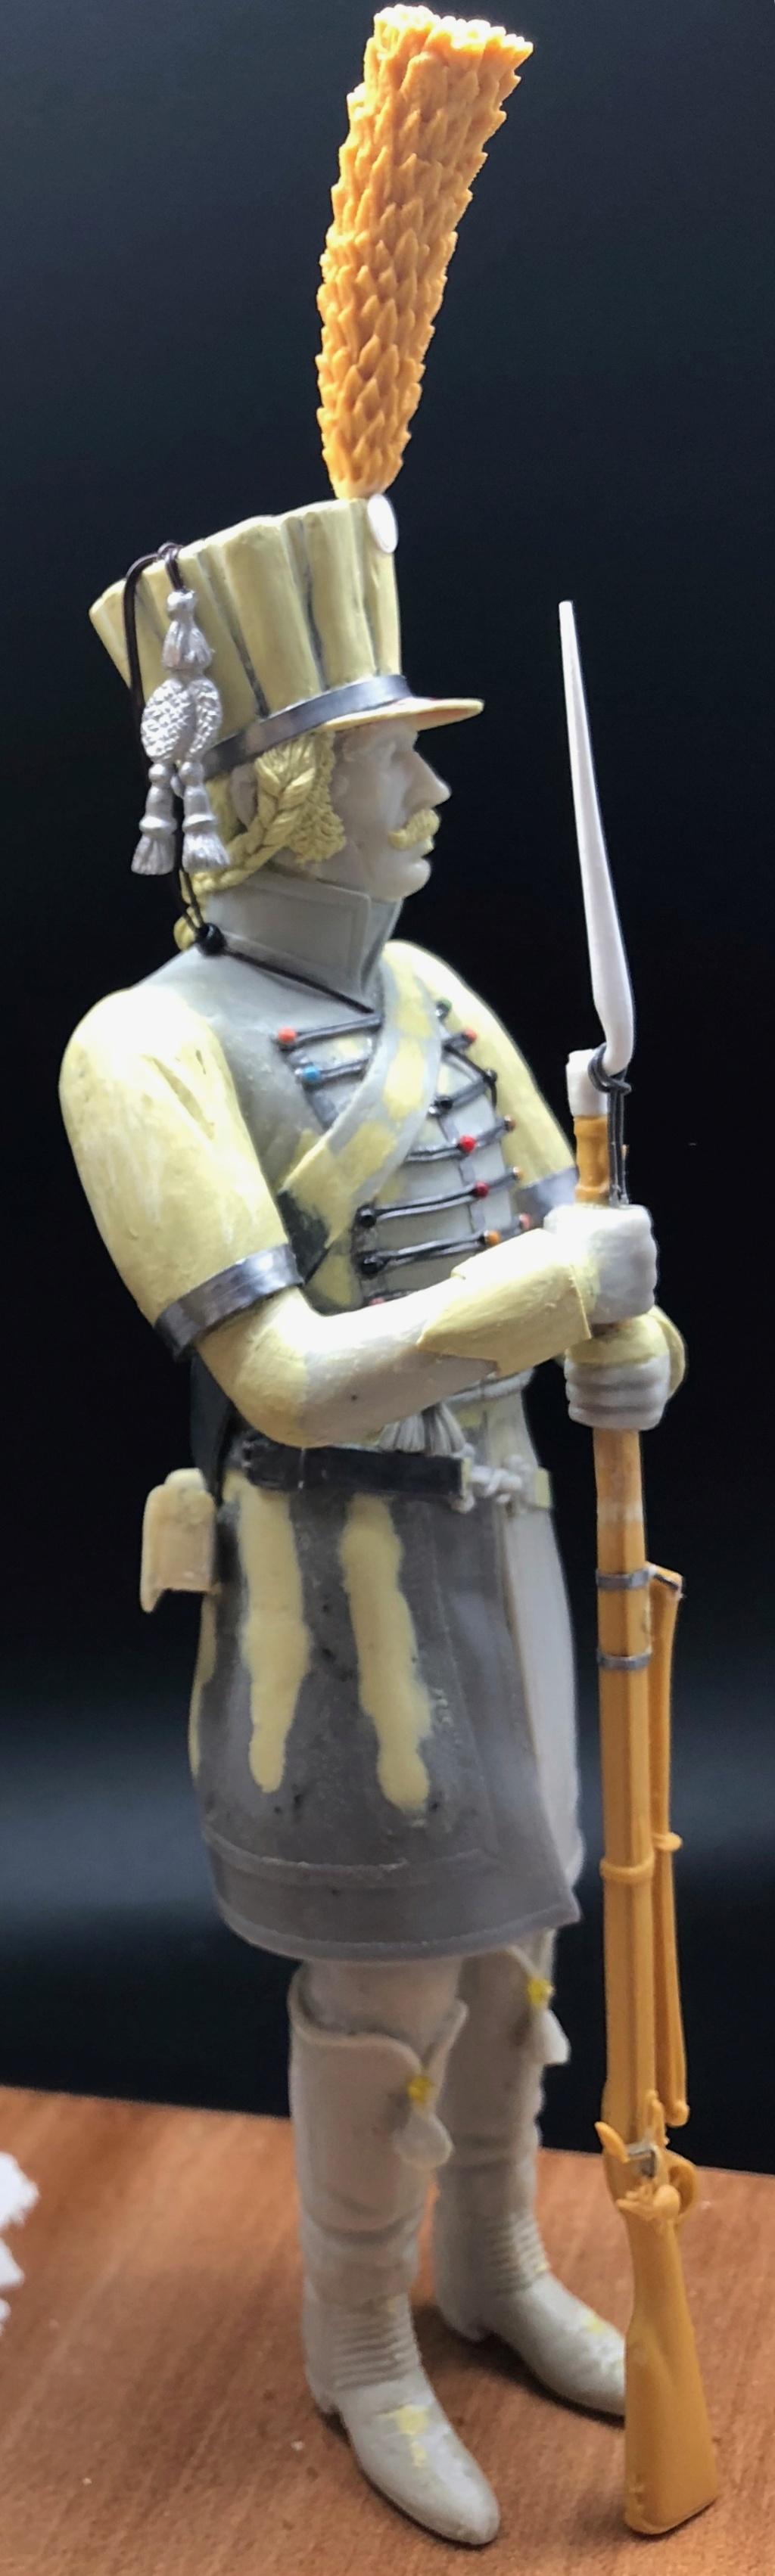 Trompette du Régiment des Dromadaires en 1800 (180 mm) - Page 3 Img_1012